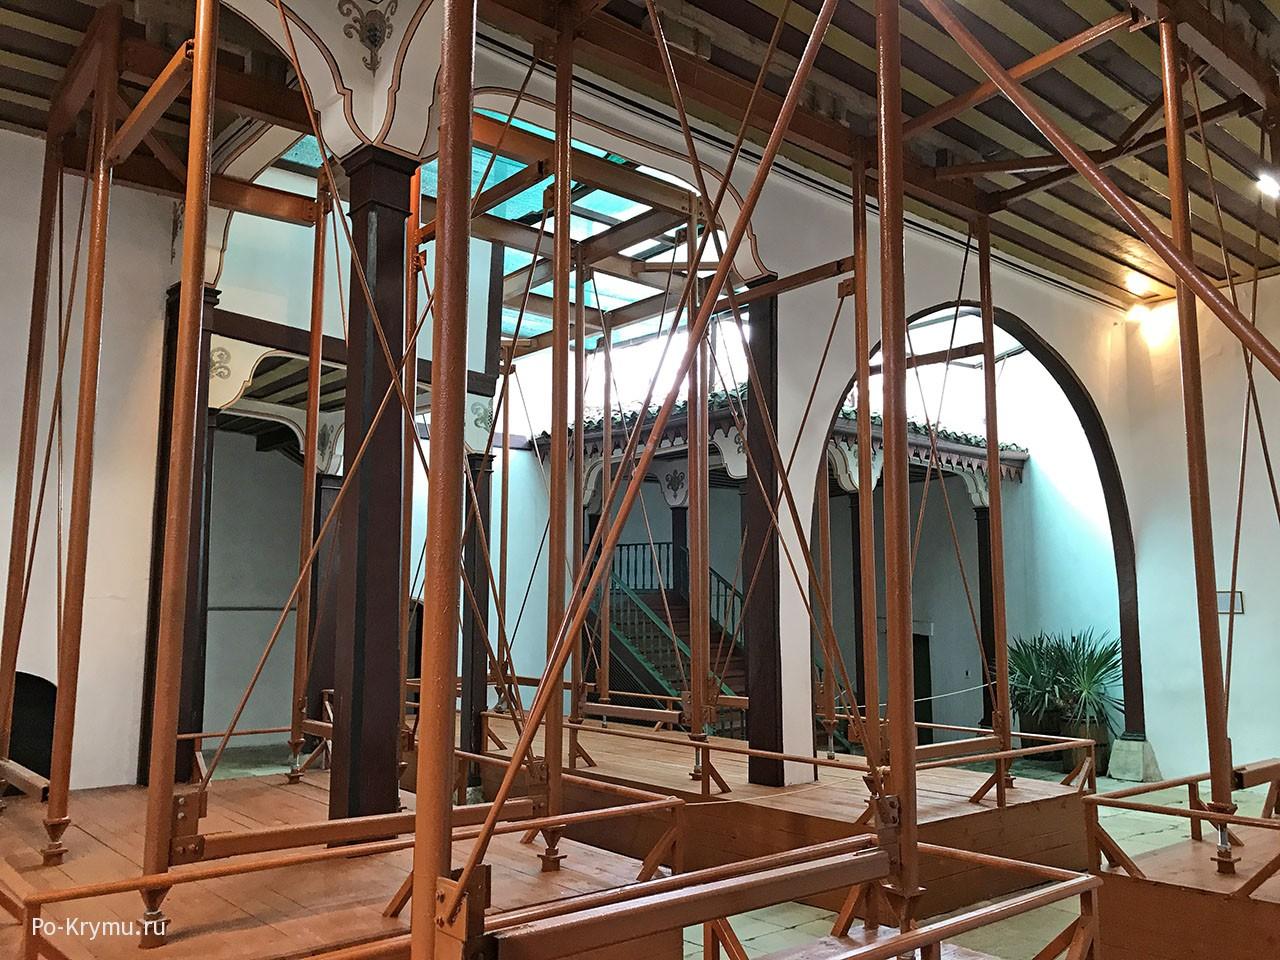 Фото реконструкции Бахчисарайского дворца